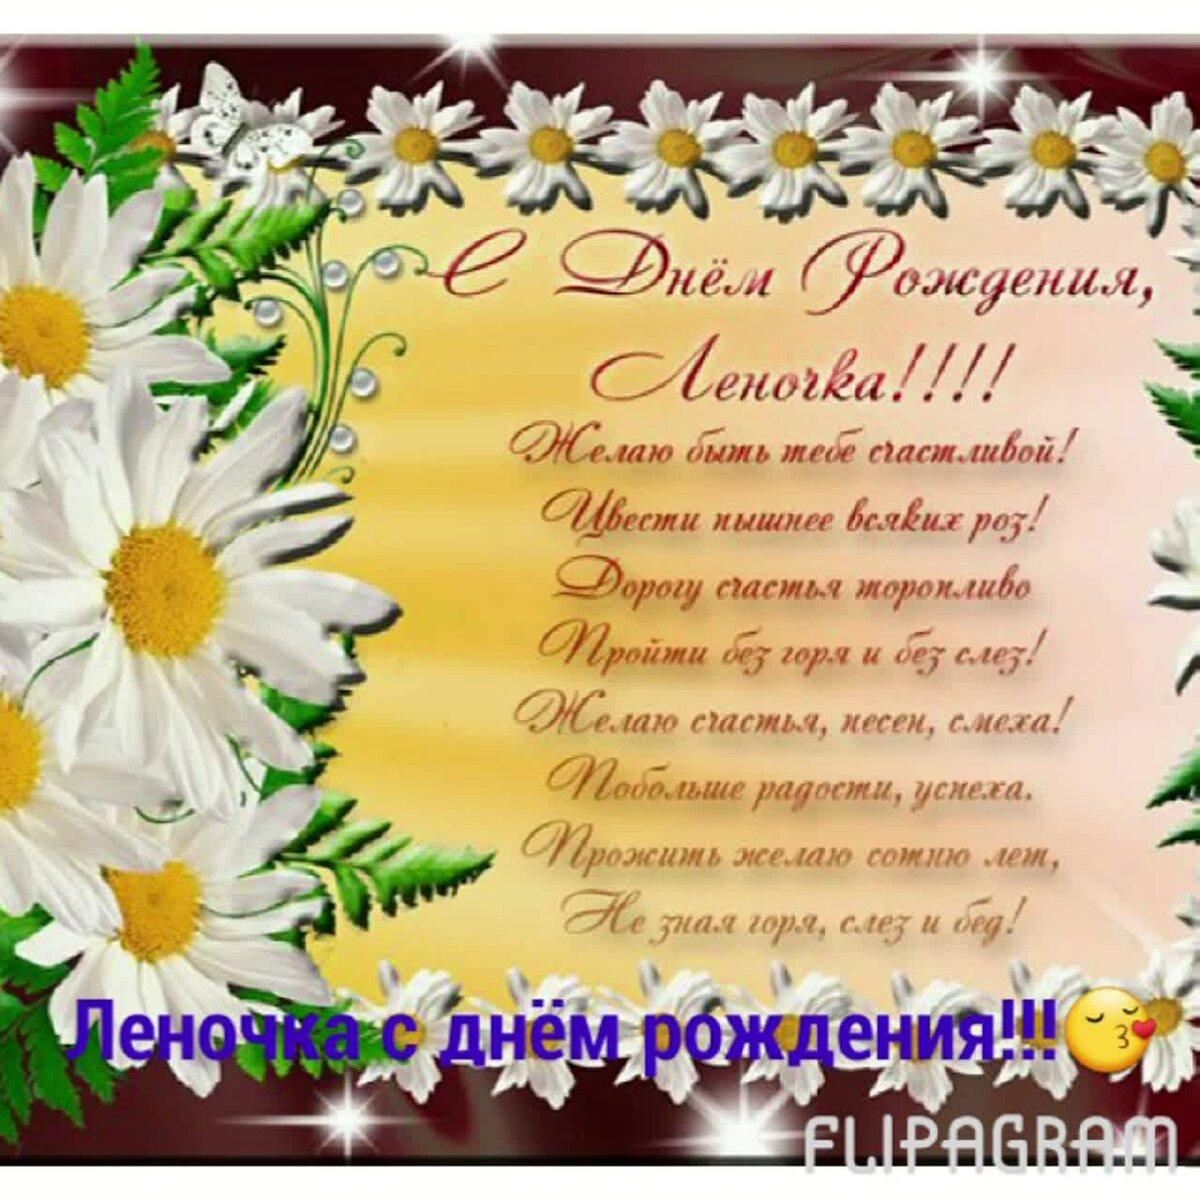 Поздравление лену с днем рождения женщине в стихах красивые